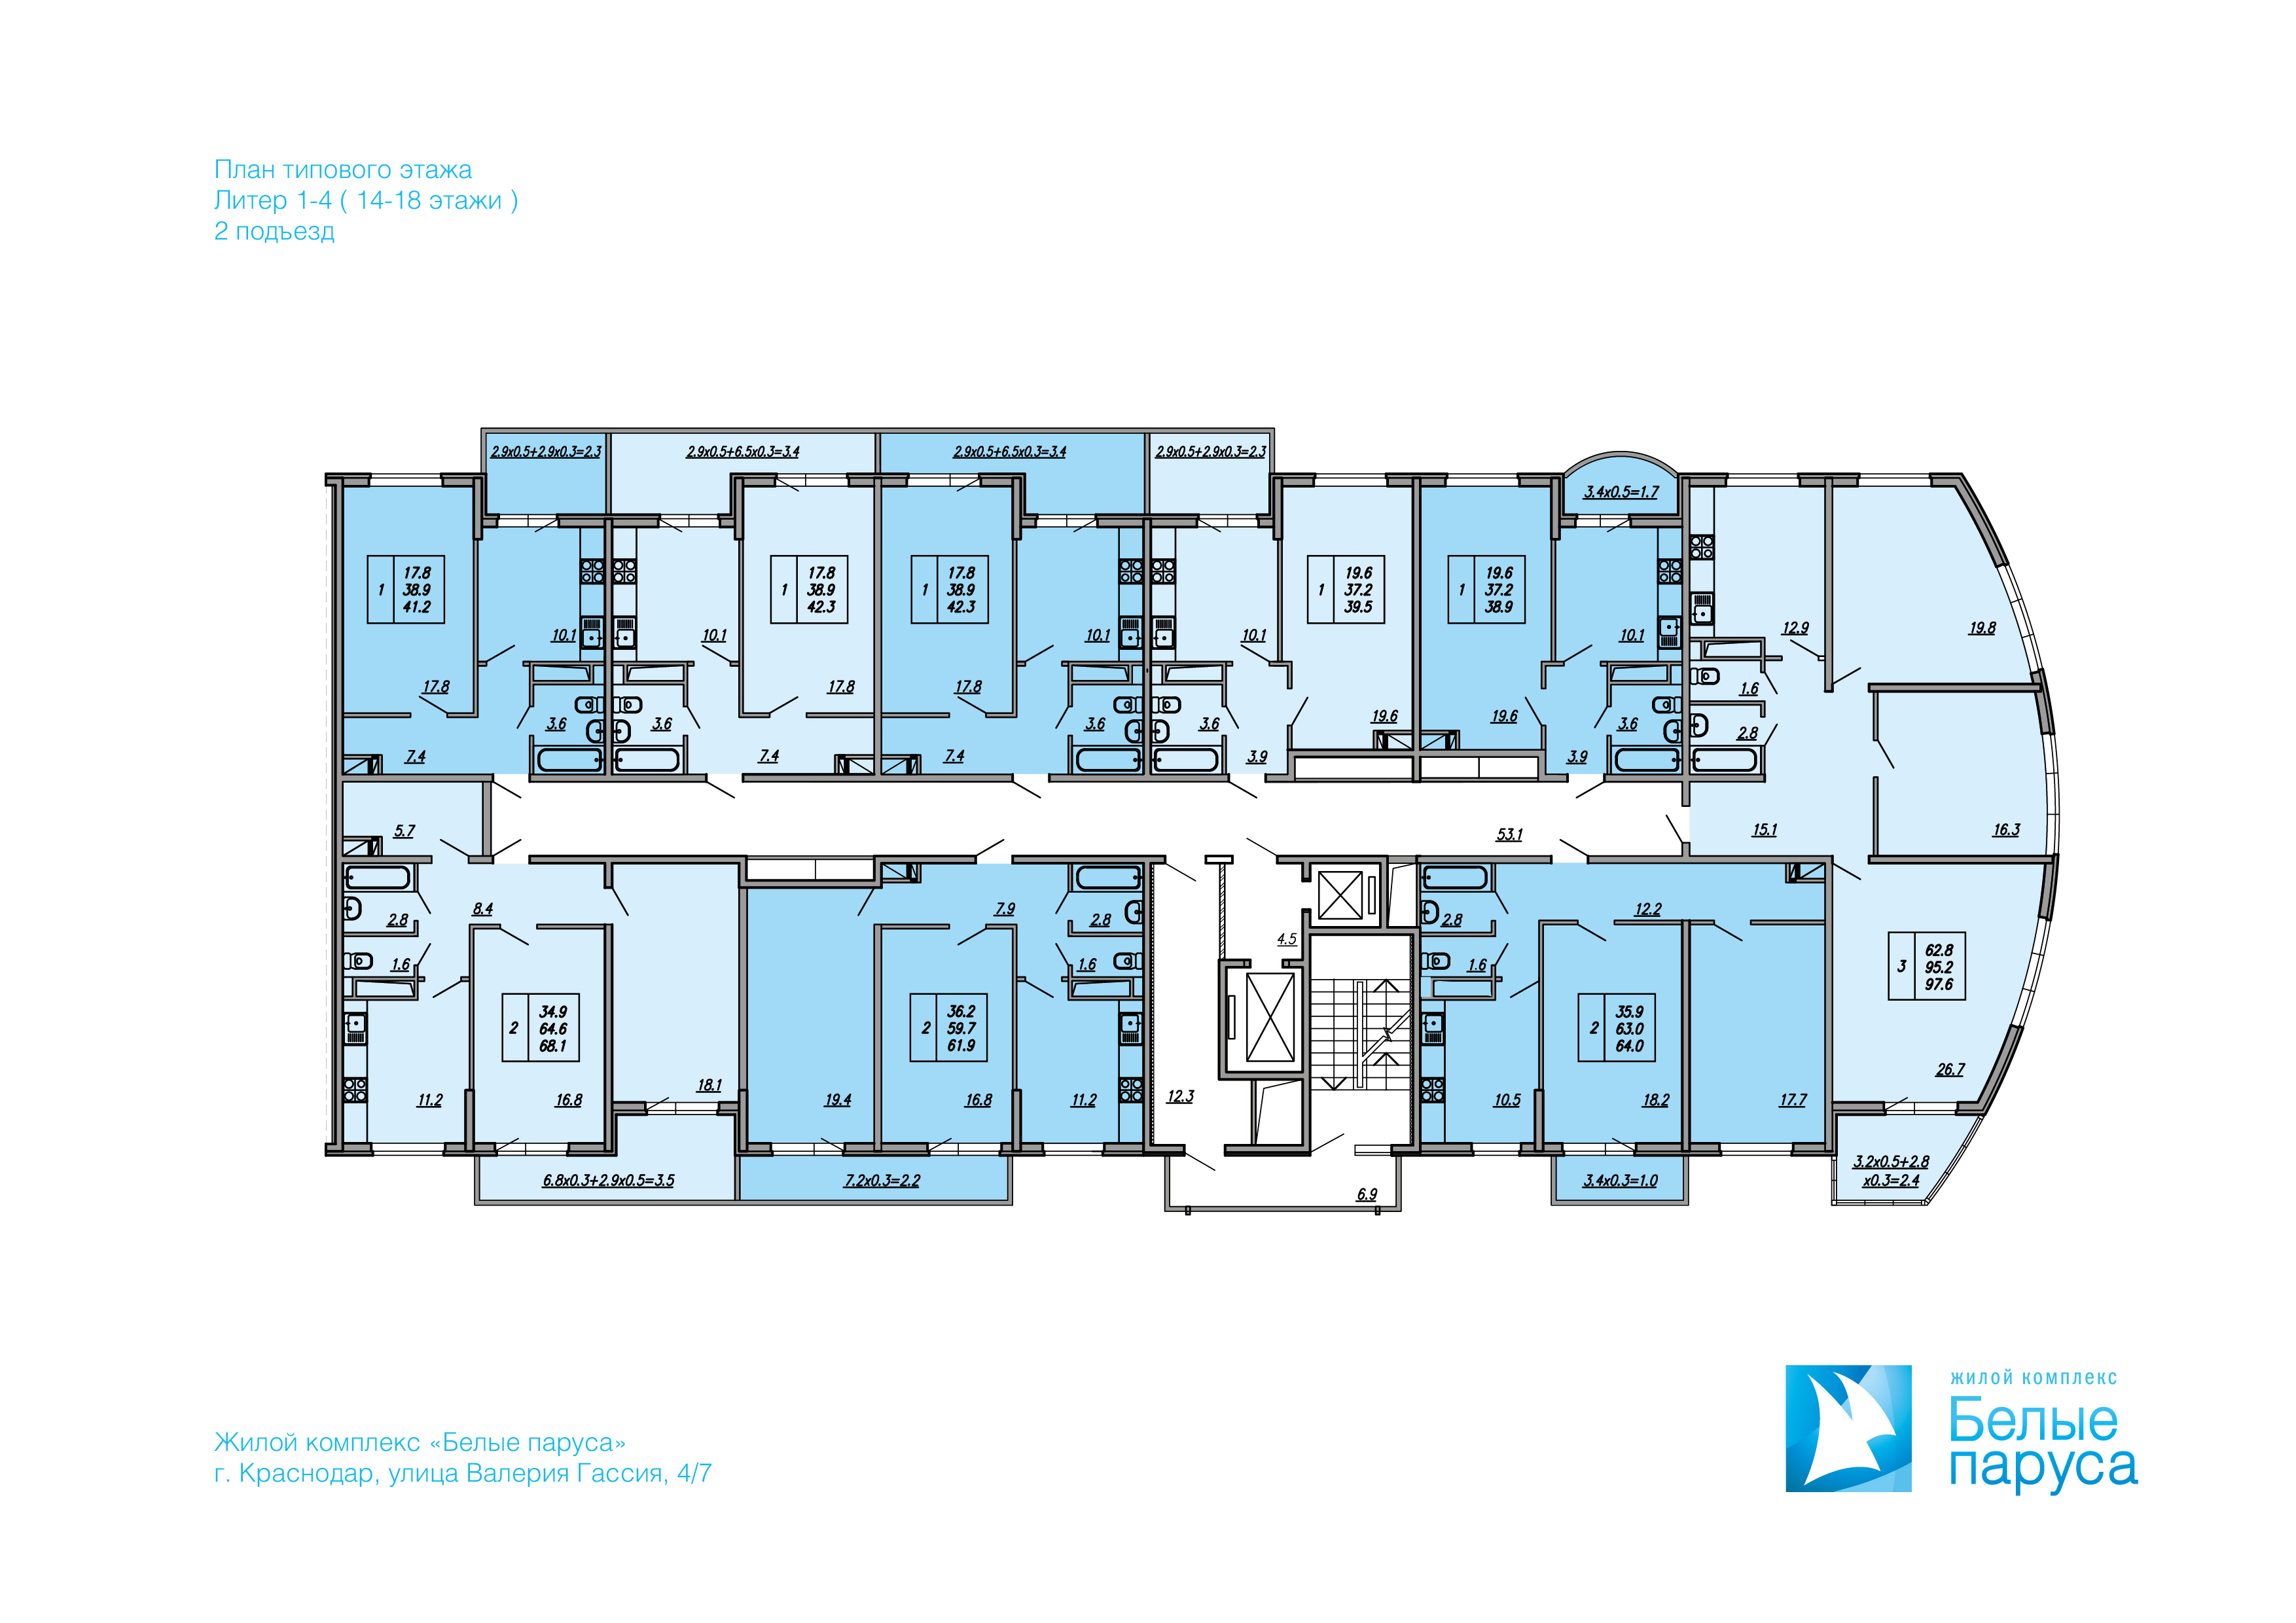 подъезд 2, этаж 14-18